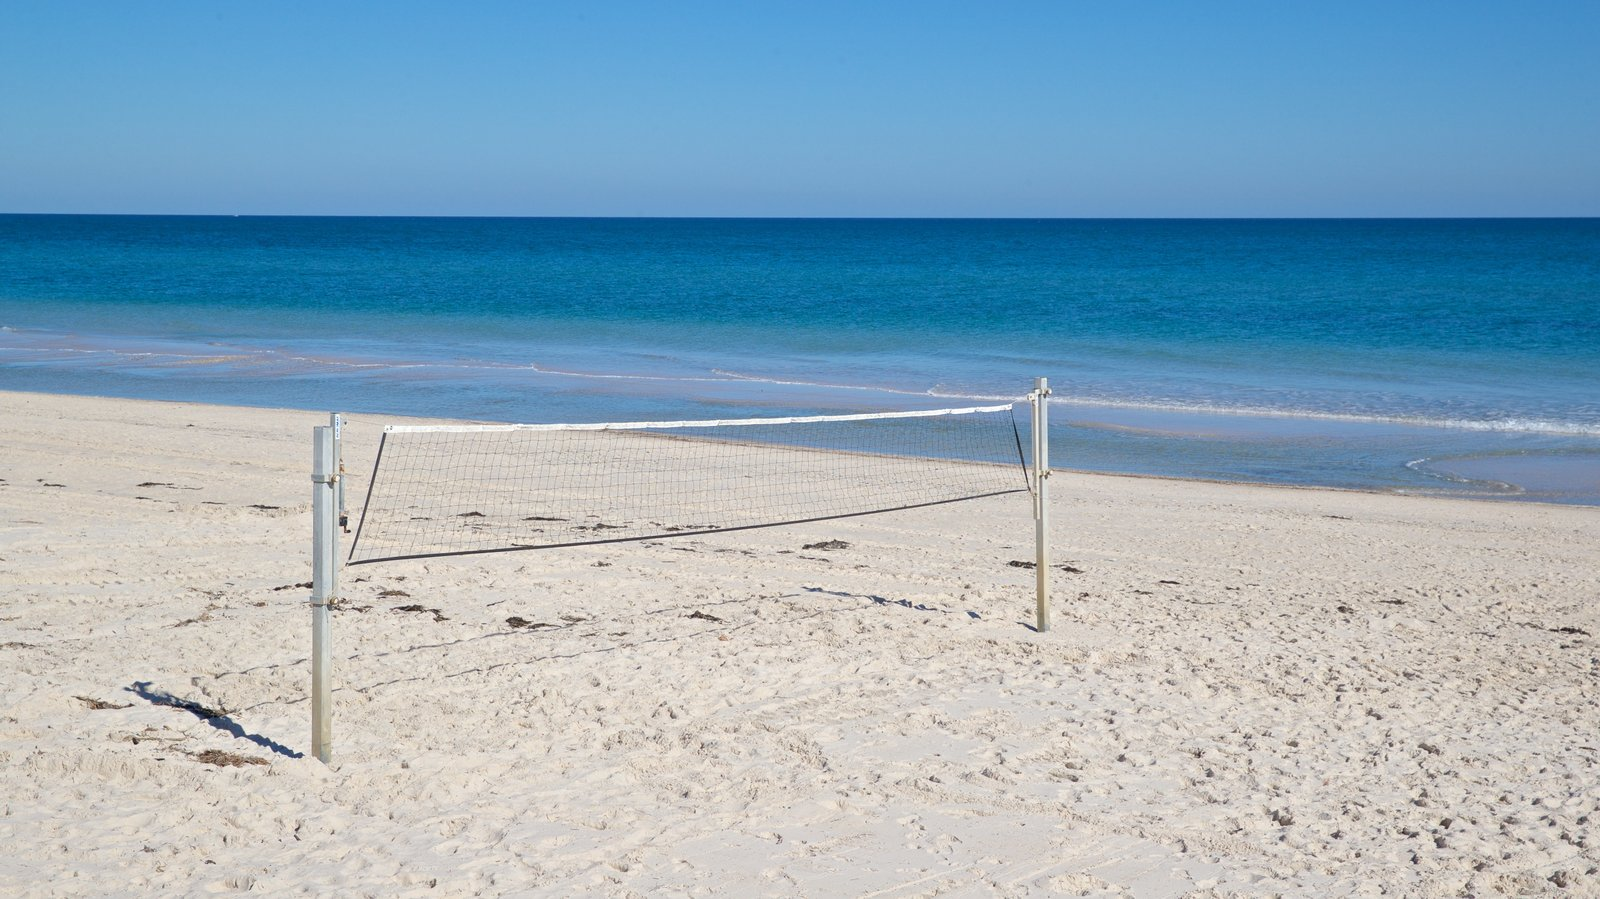 Playa Henley mostrando vistas generales de la costa y una playa